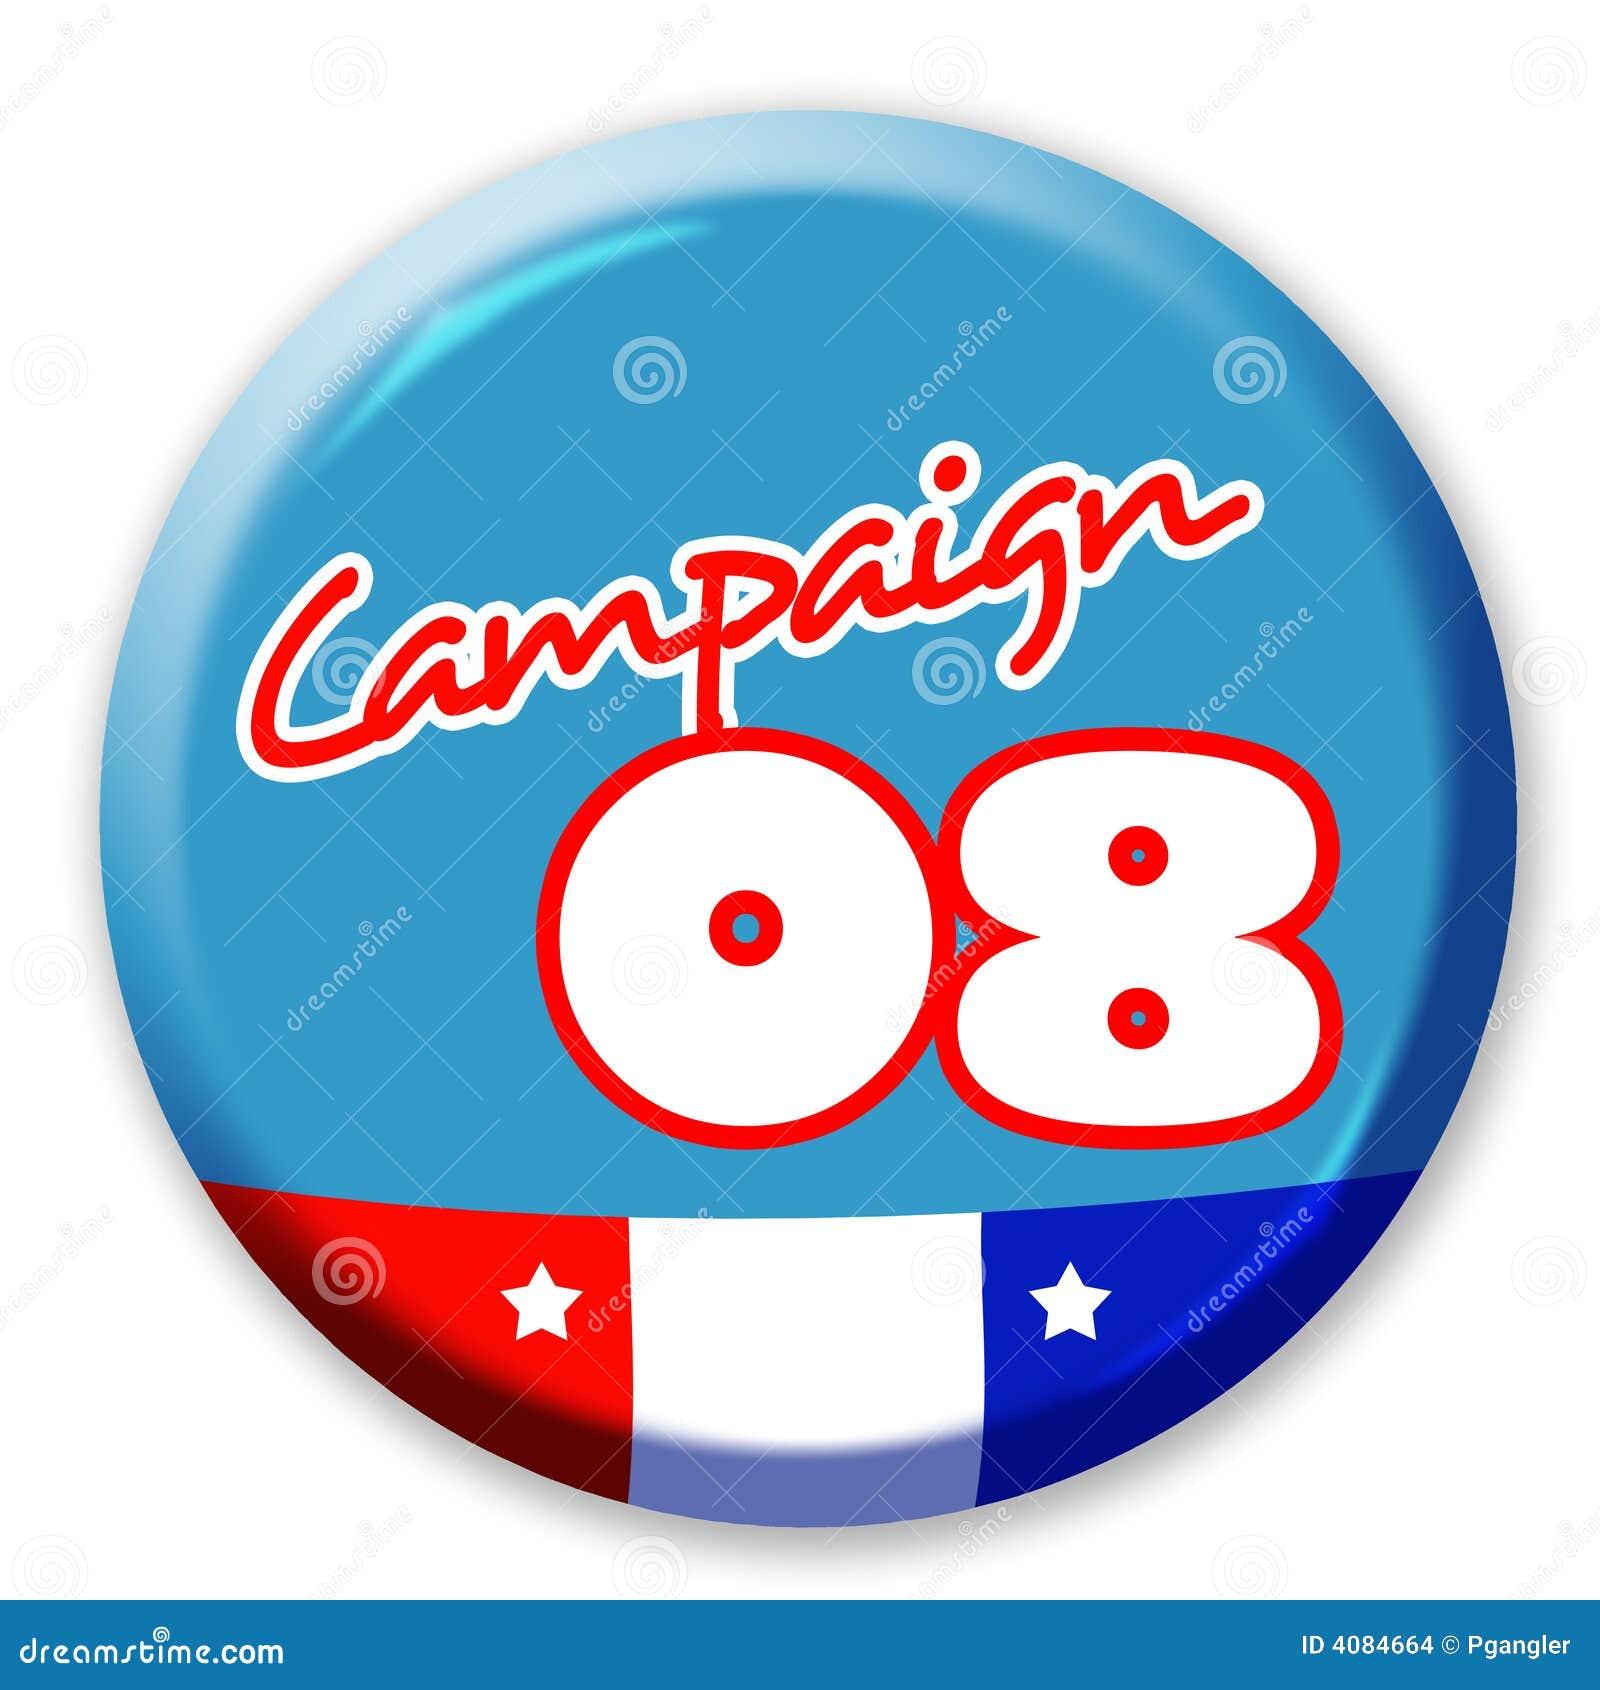 Campaign  08